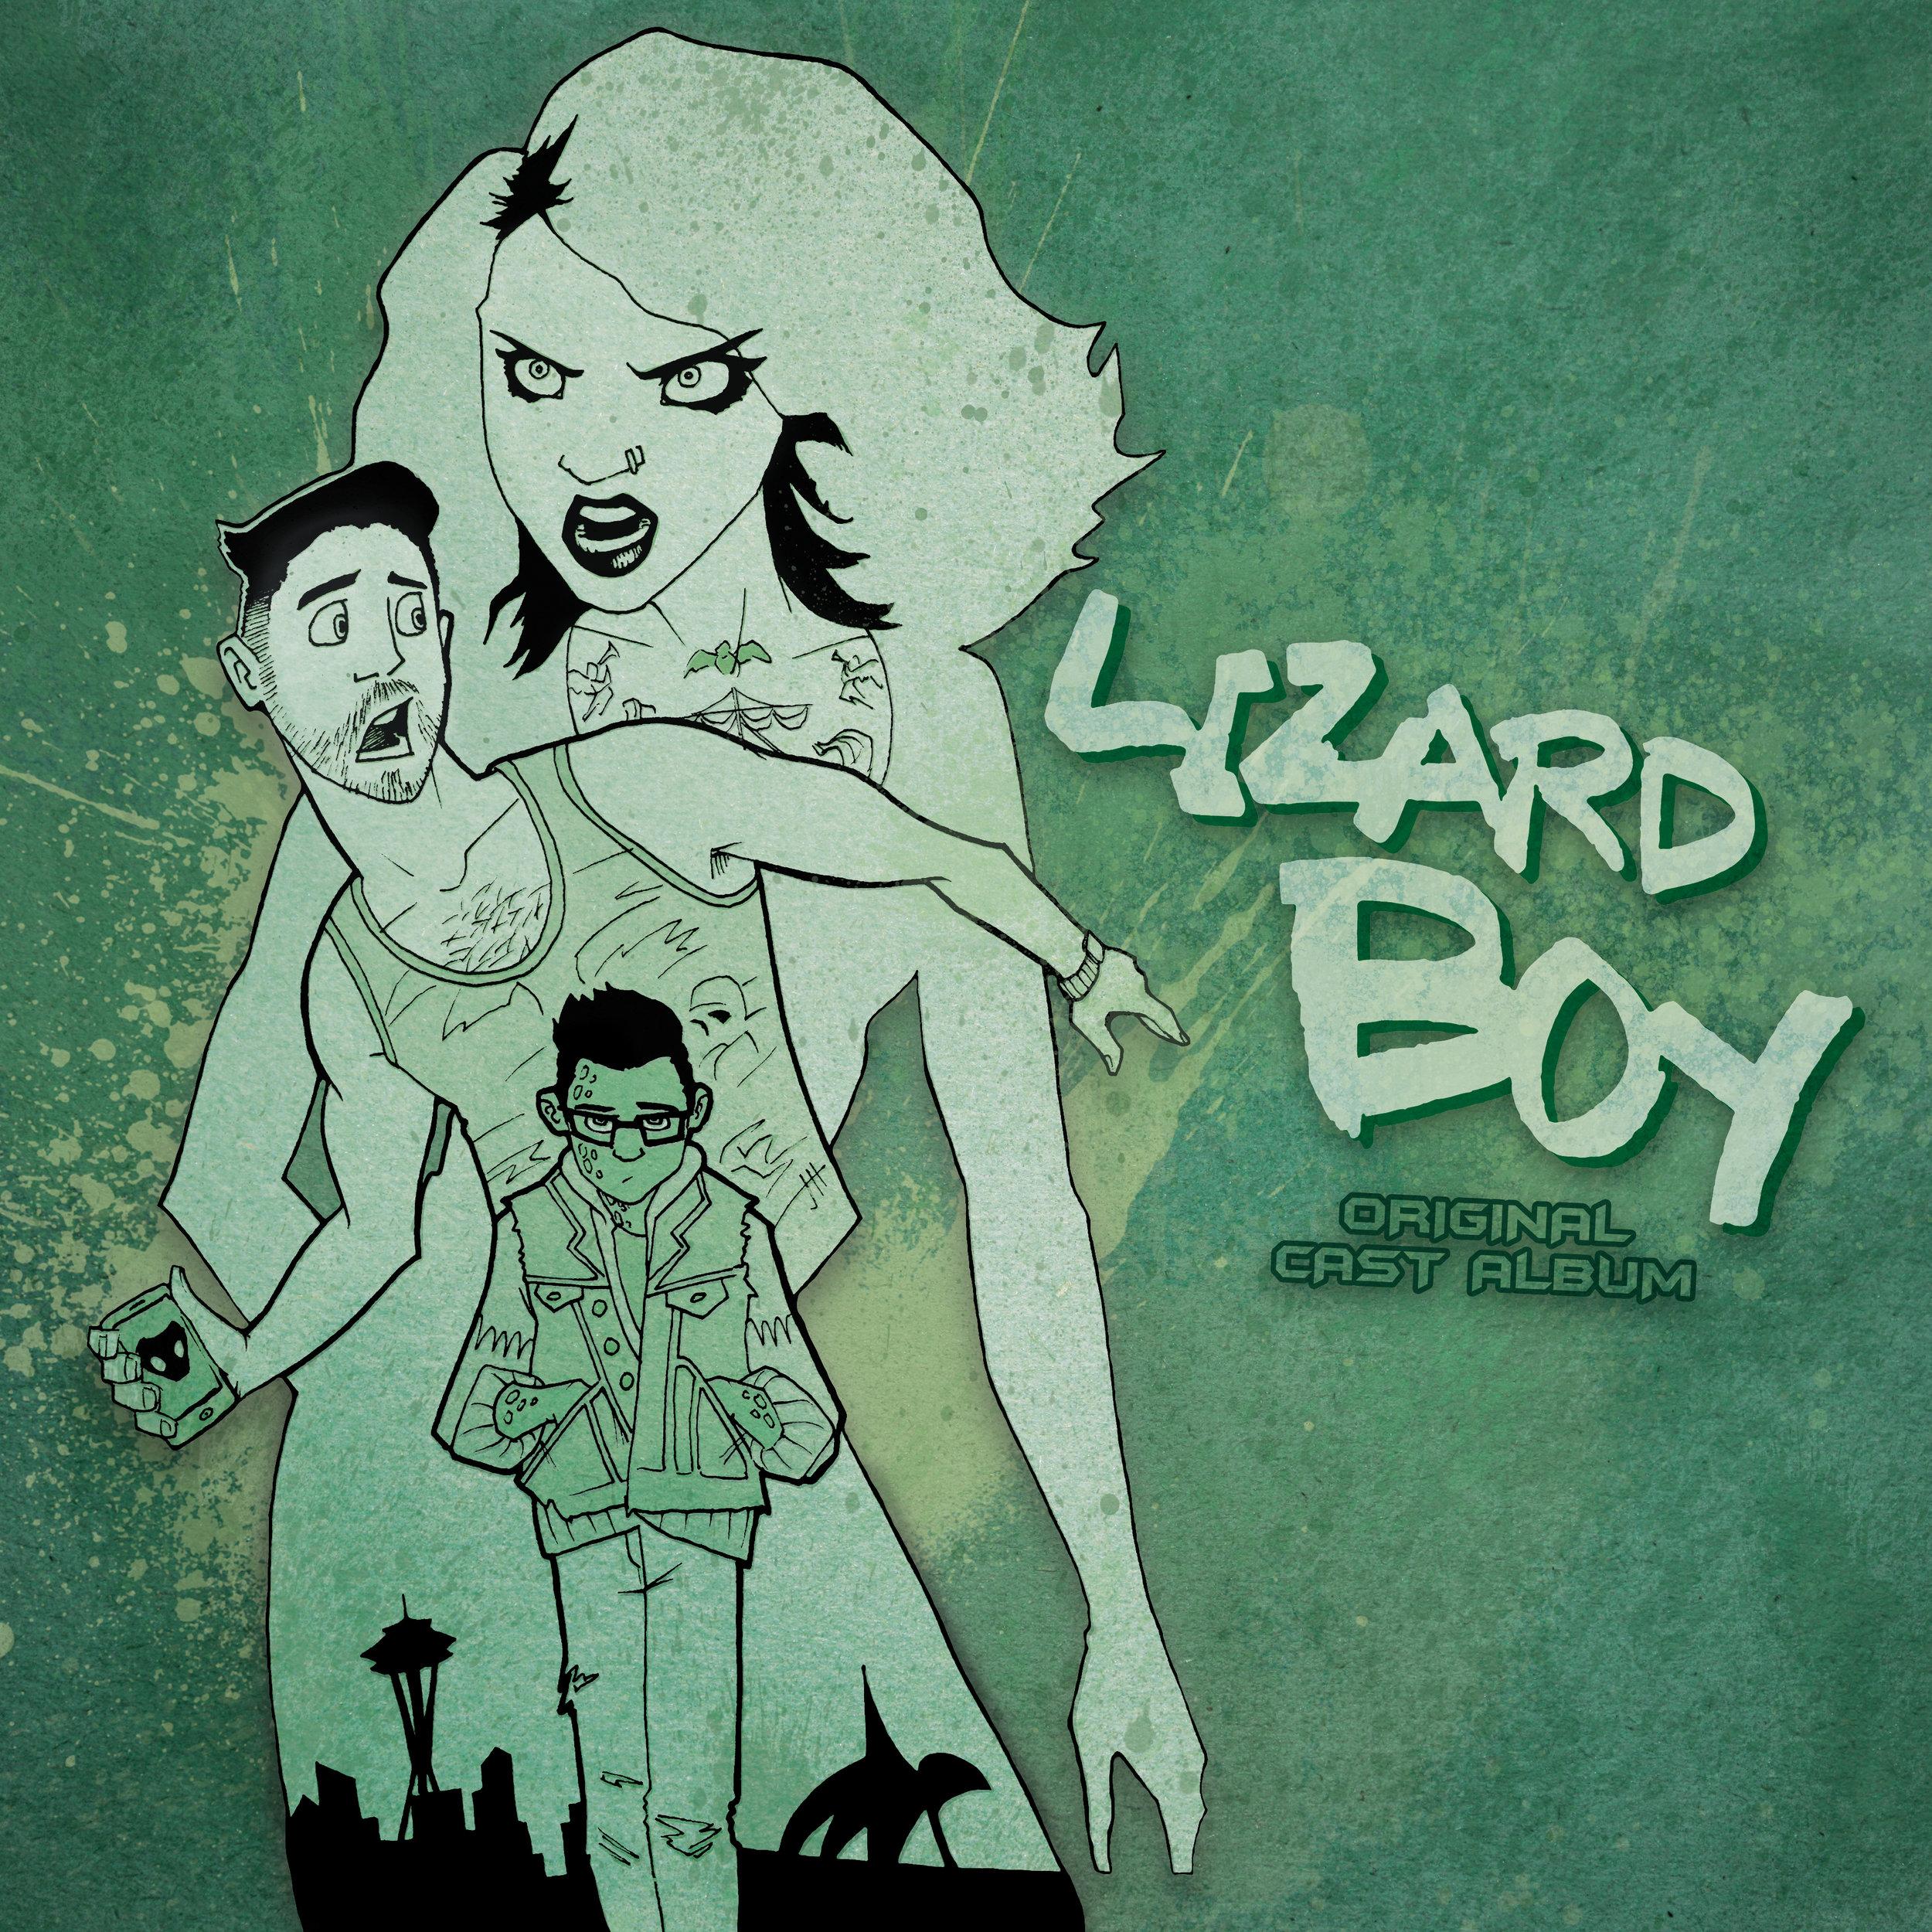 Lizard Boy - Album Cover